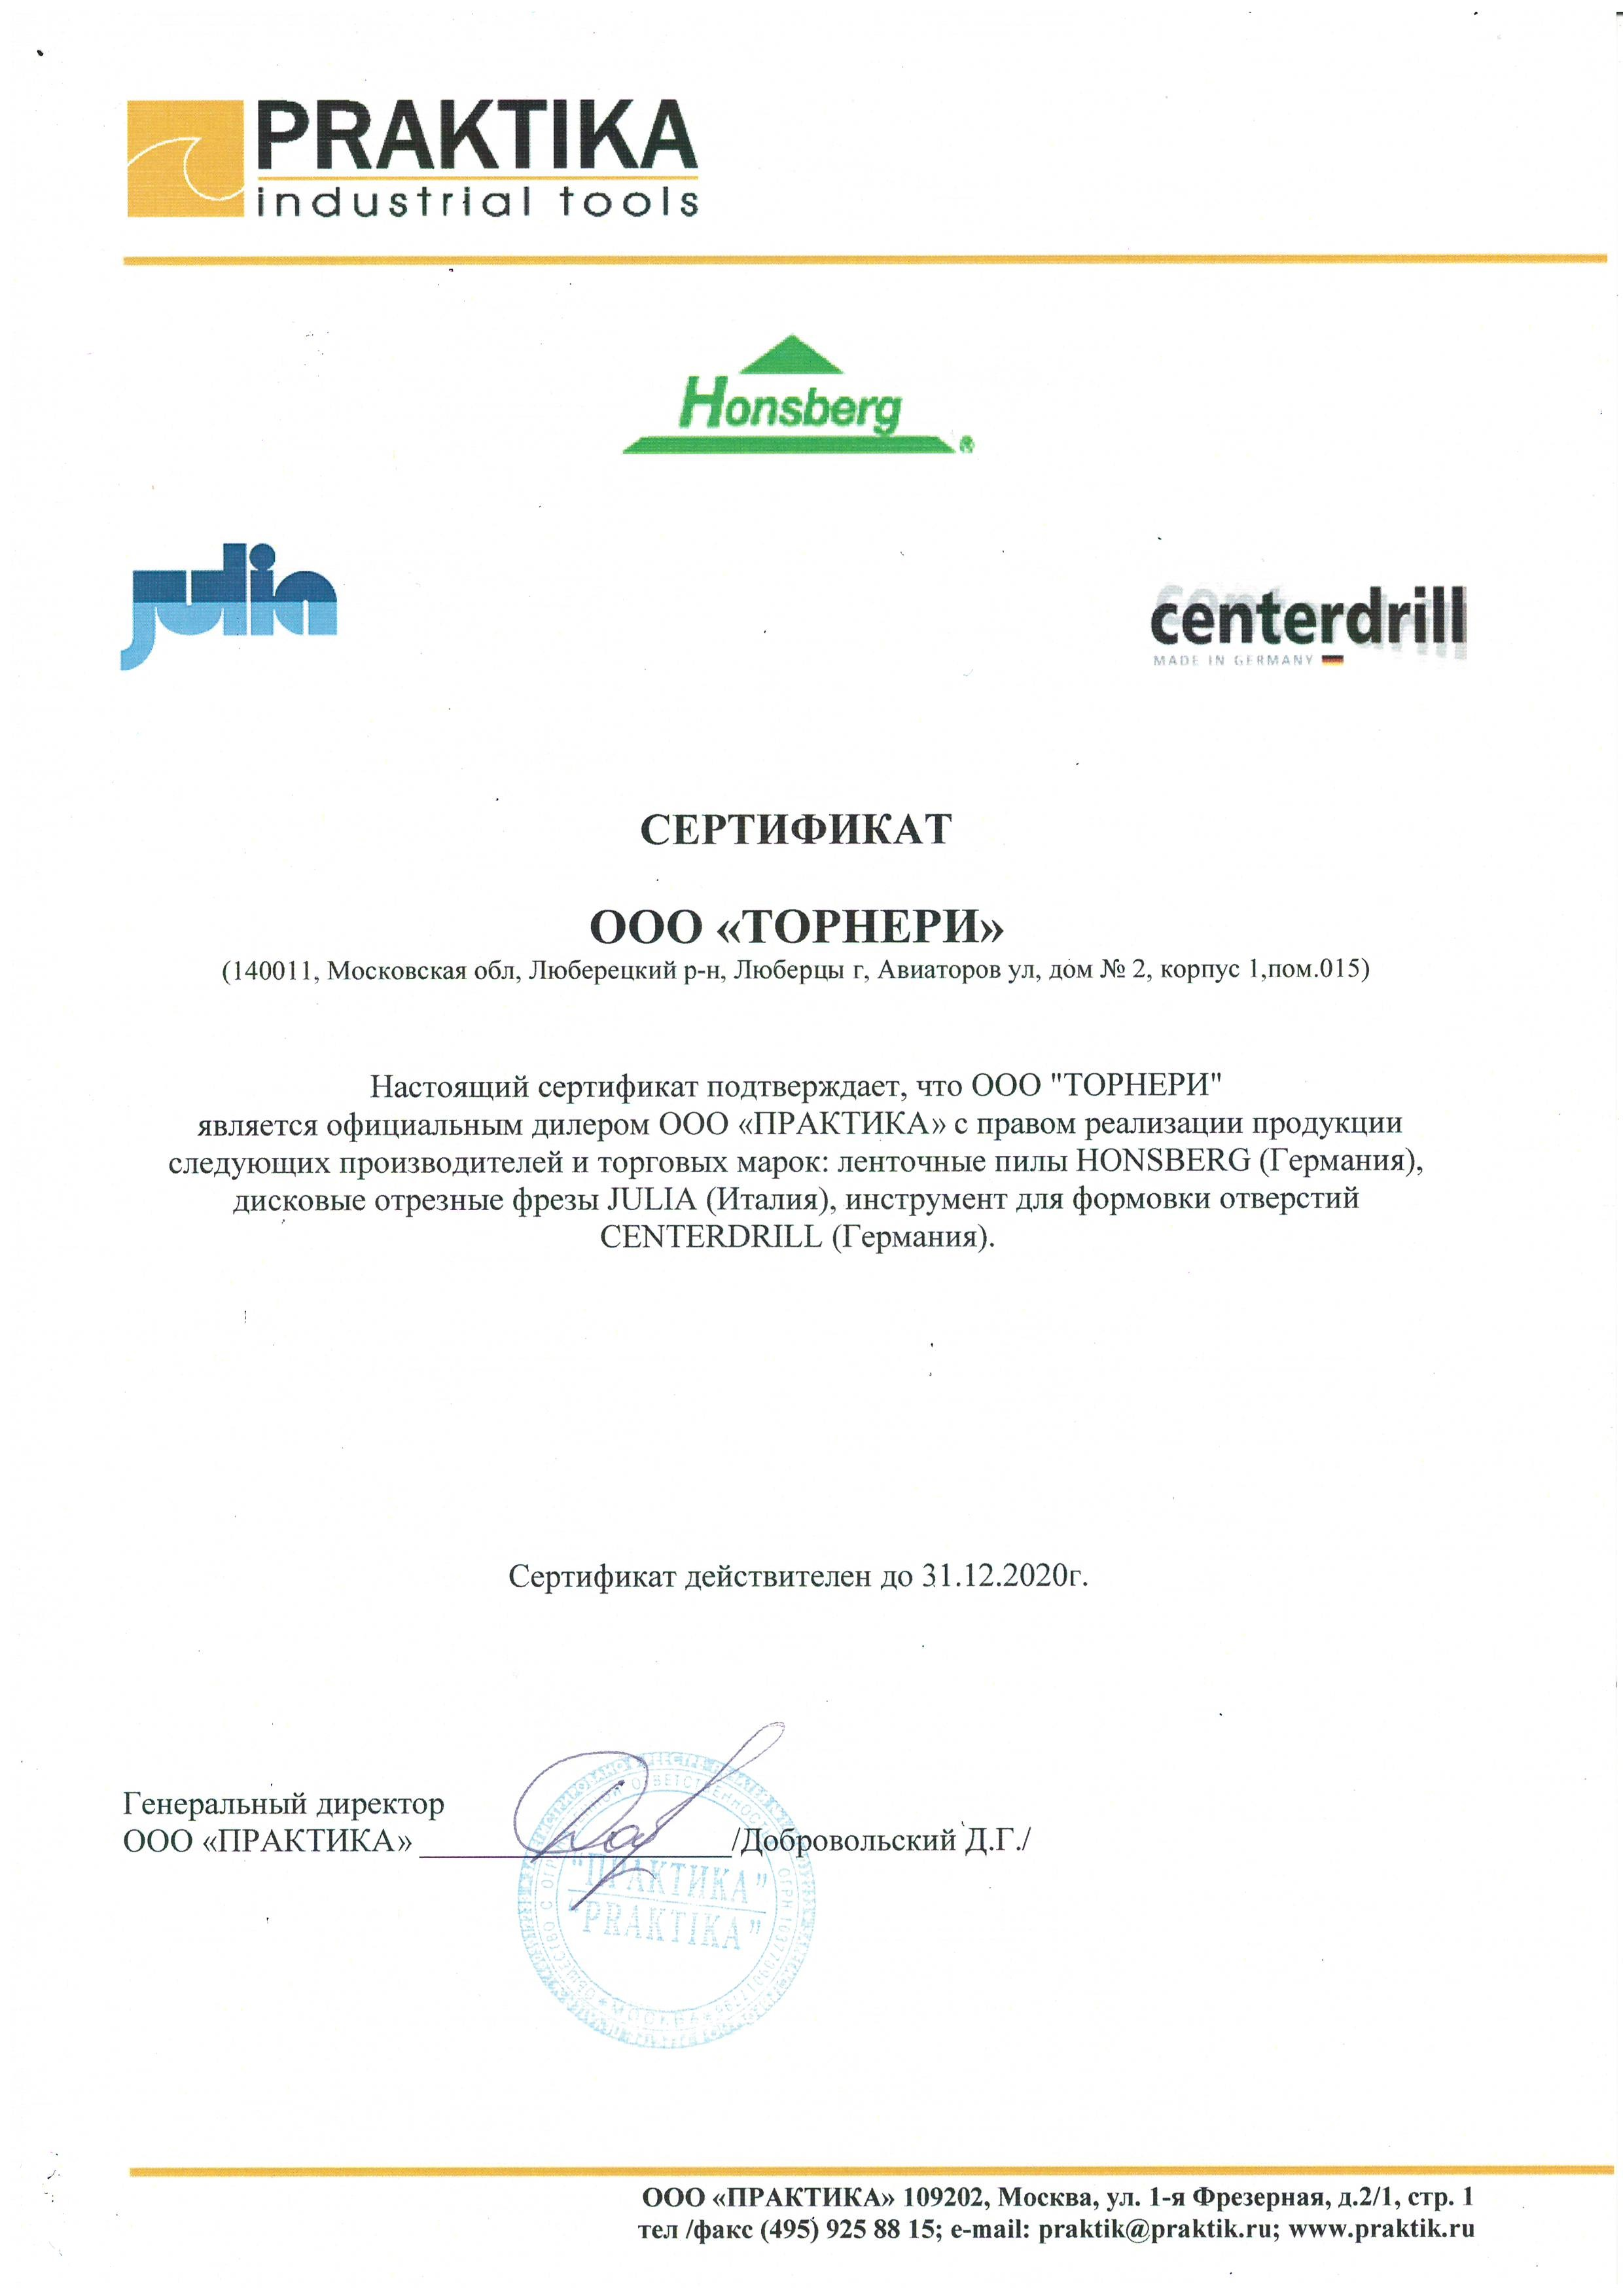 Сертификат дистрибьютора Praktika